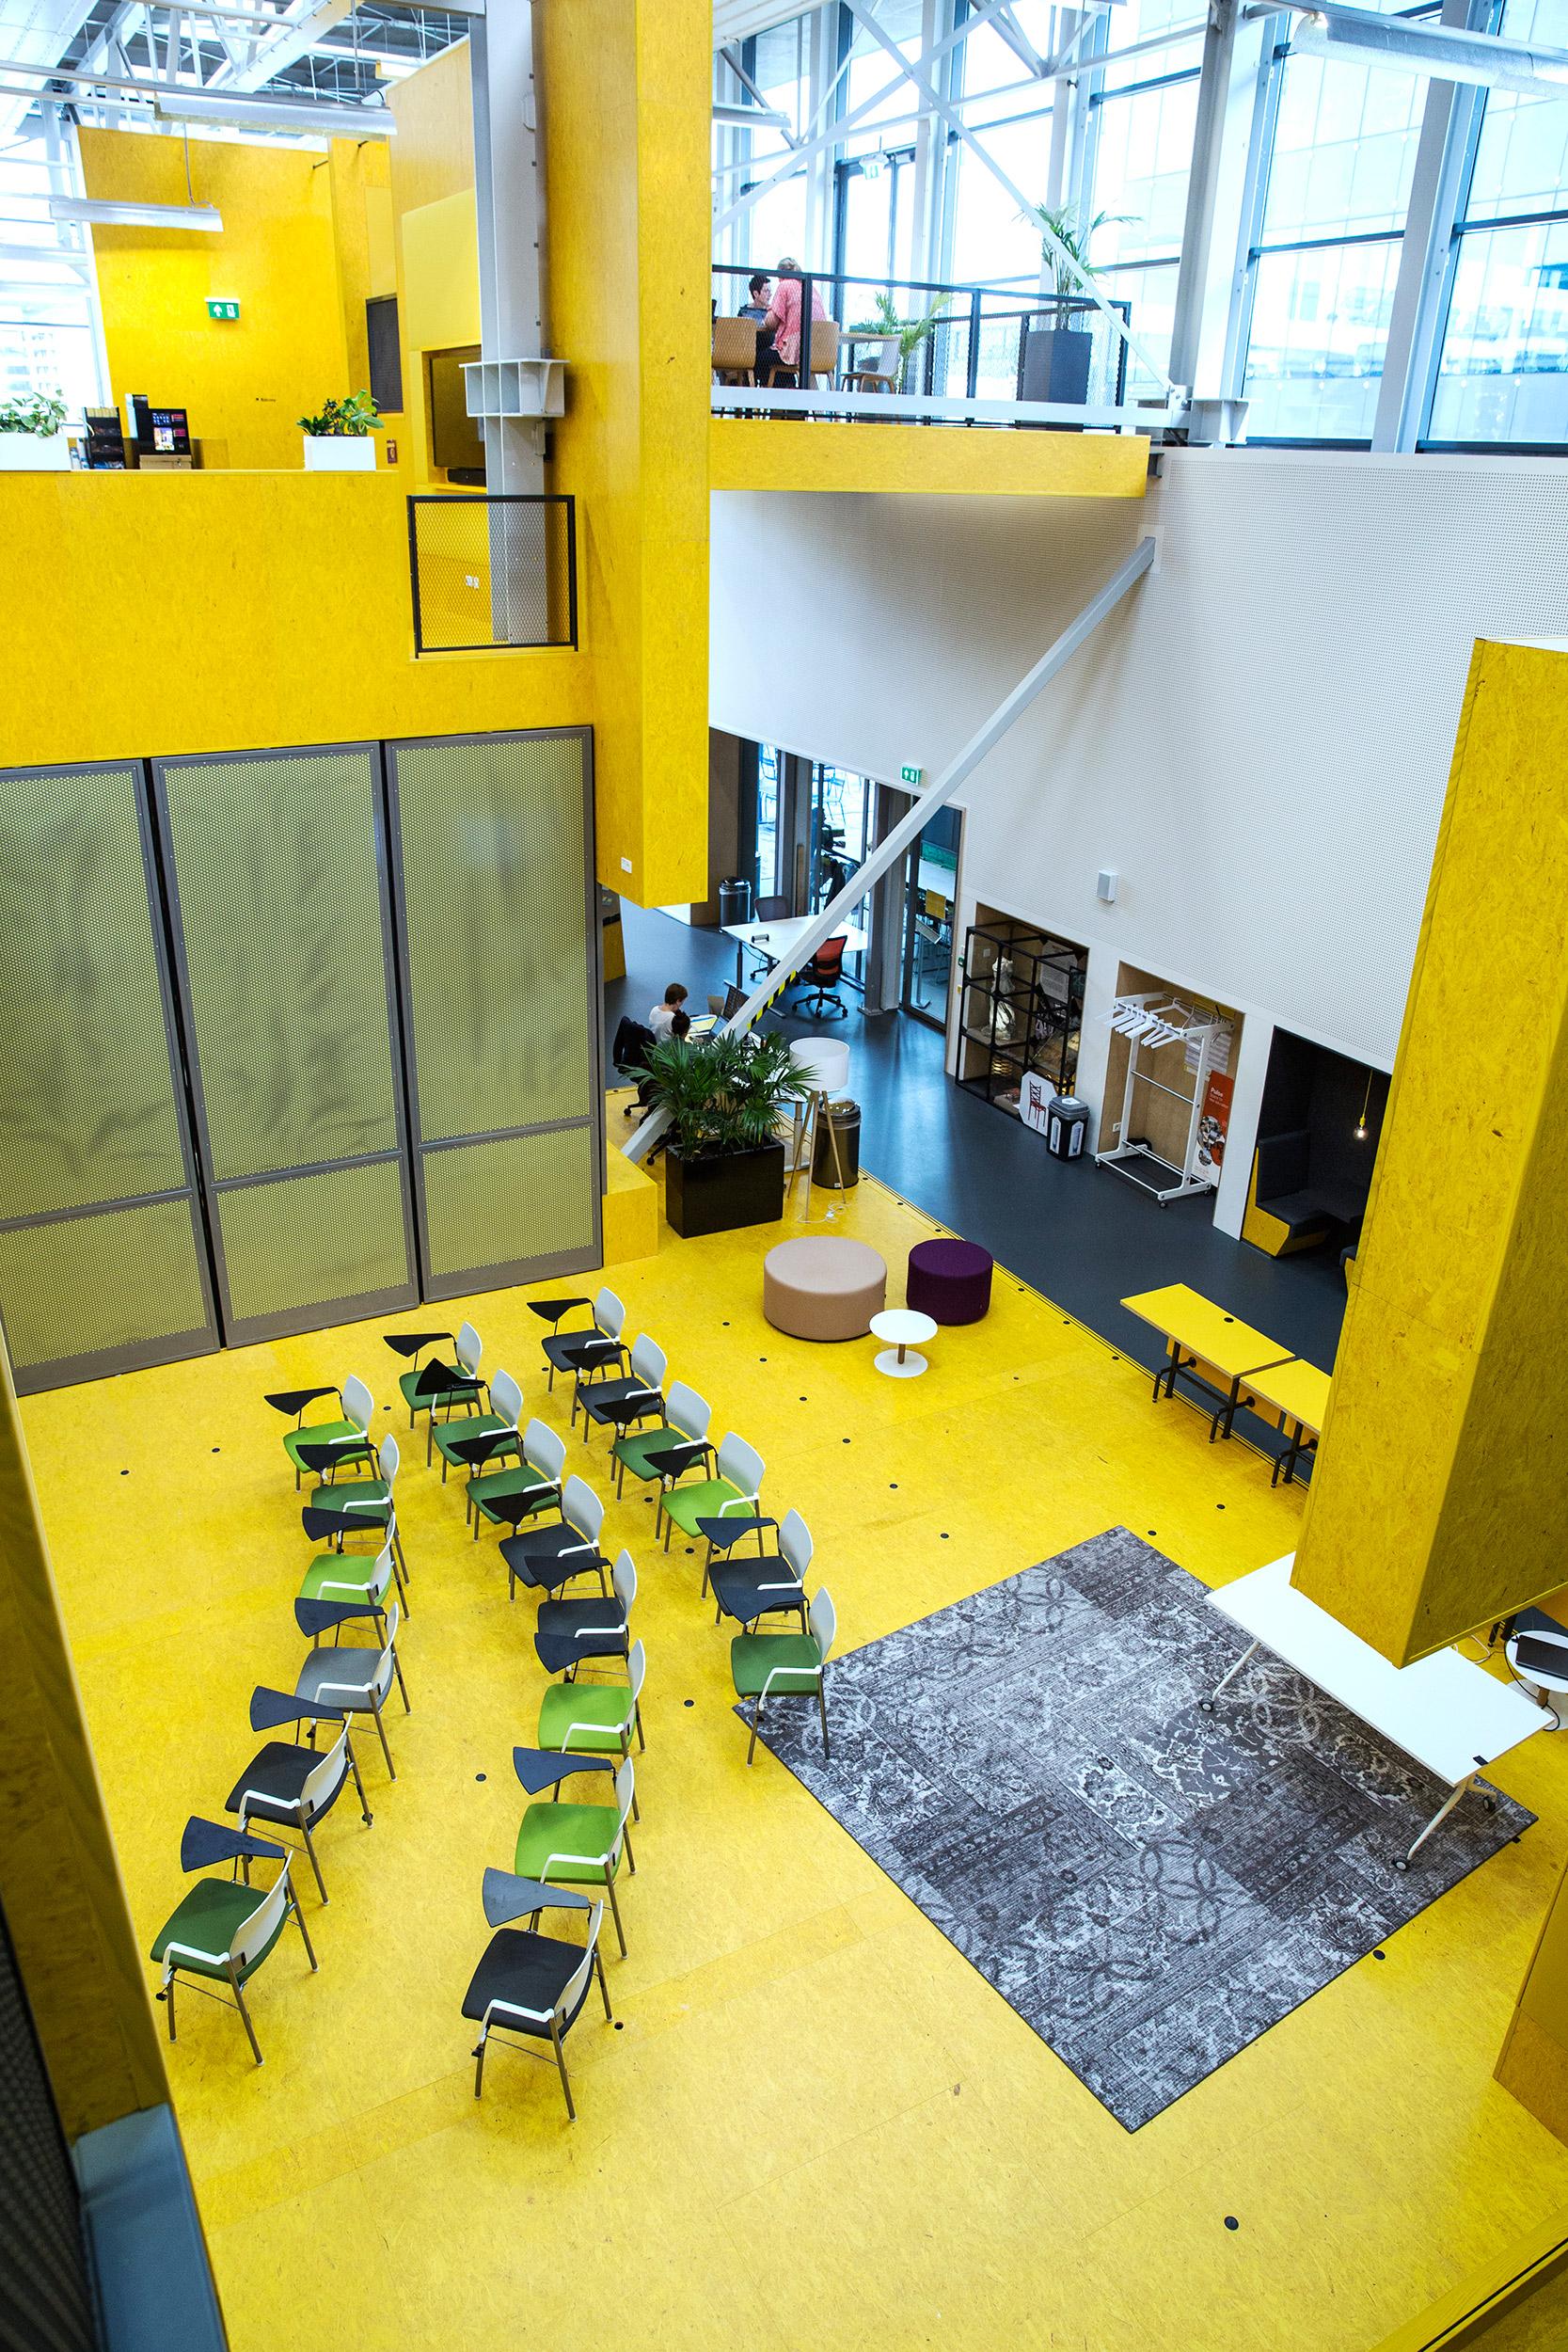 Teachers Talk Tuesday och Meet and Eat är två återkommande programpunkter för lärare i byggnaden.